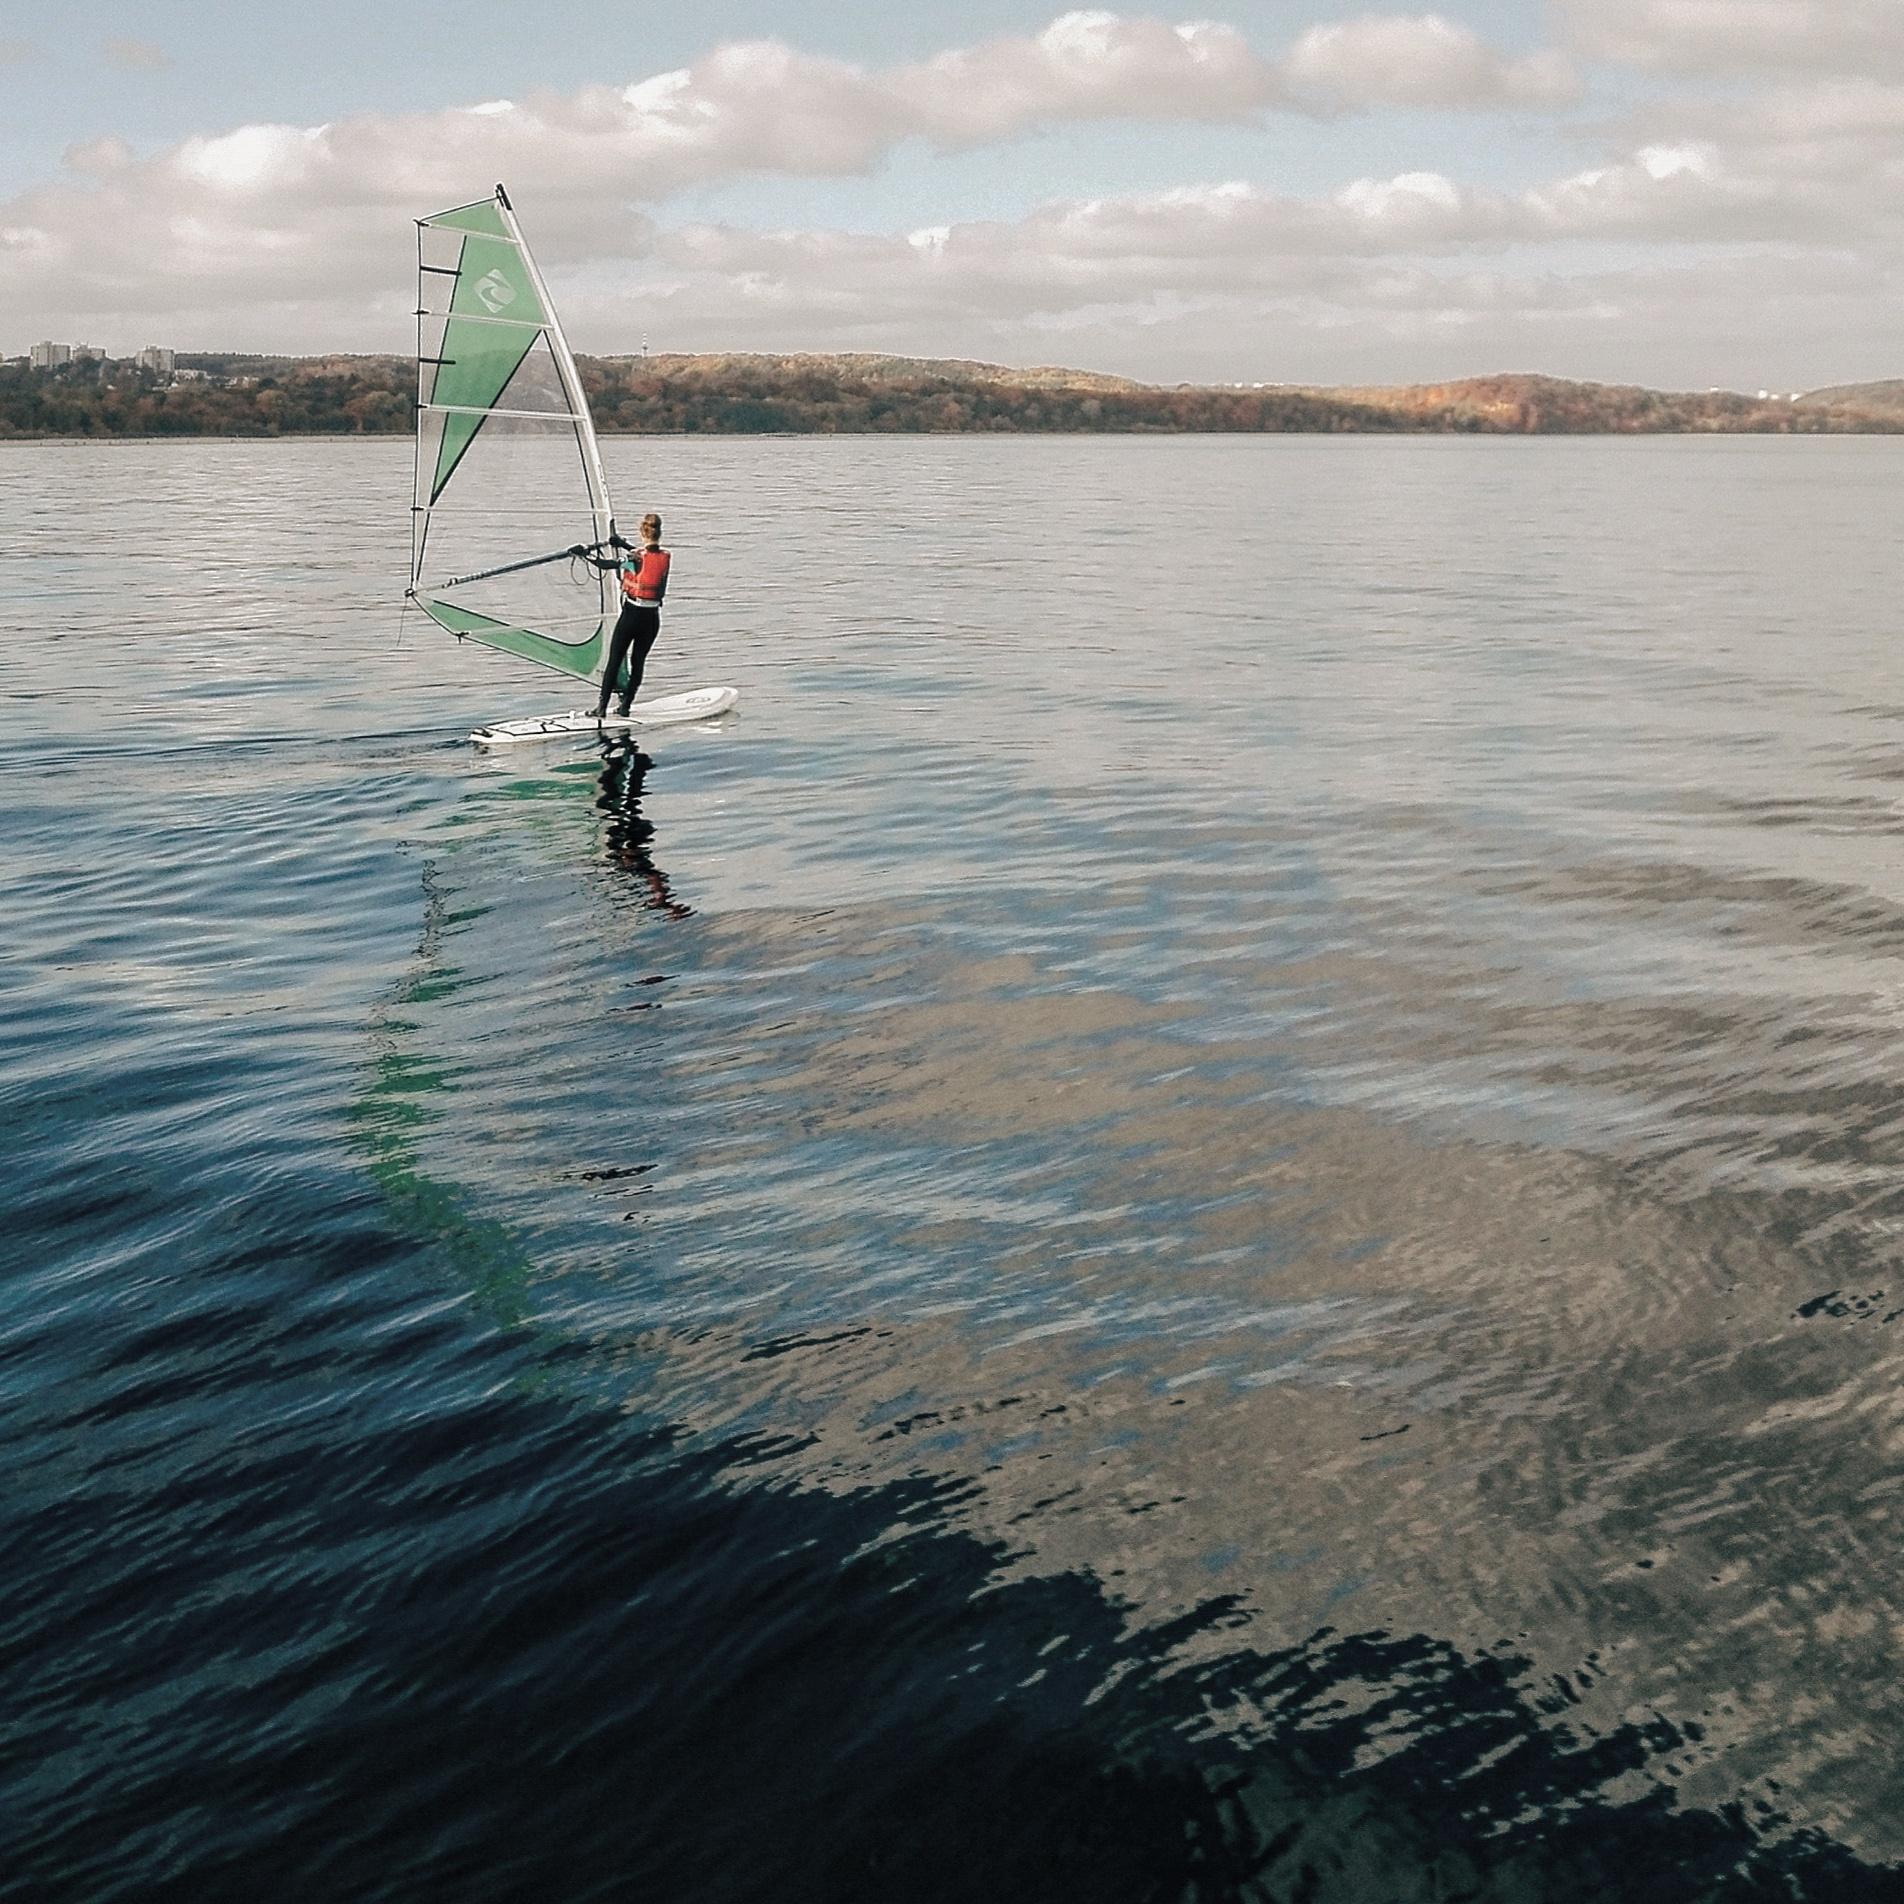 Foap-windsurfing